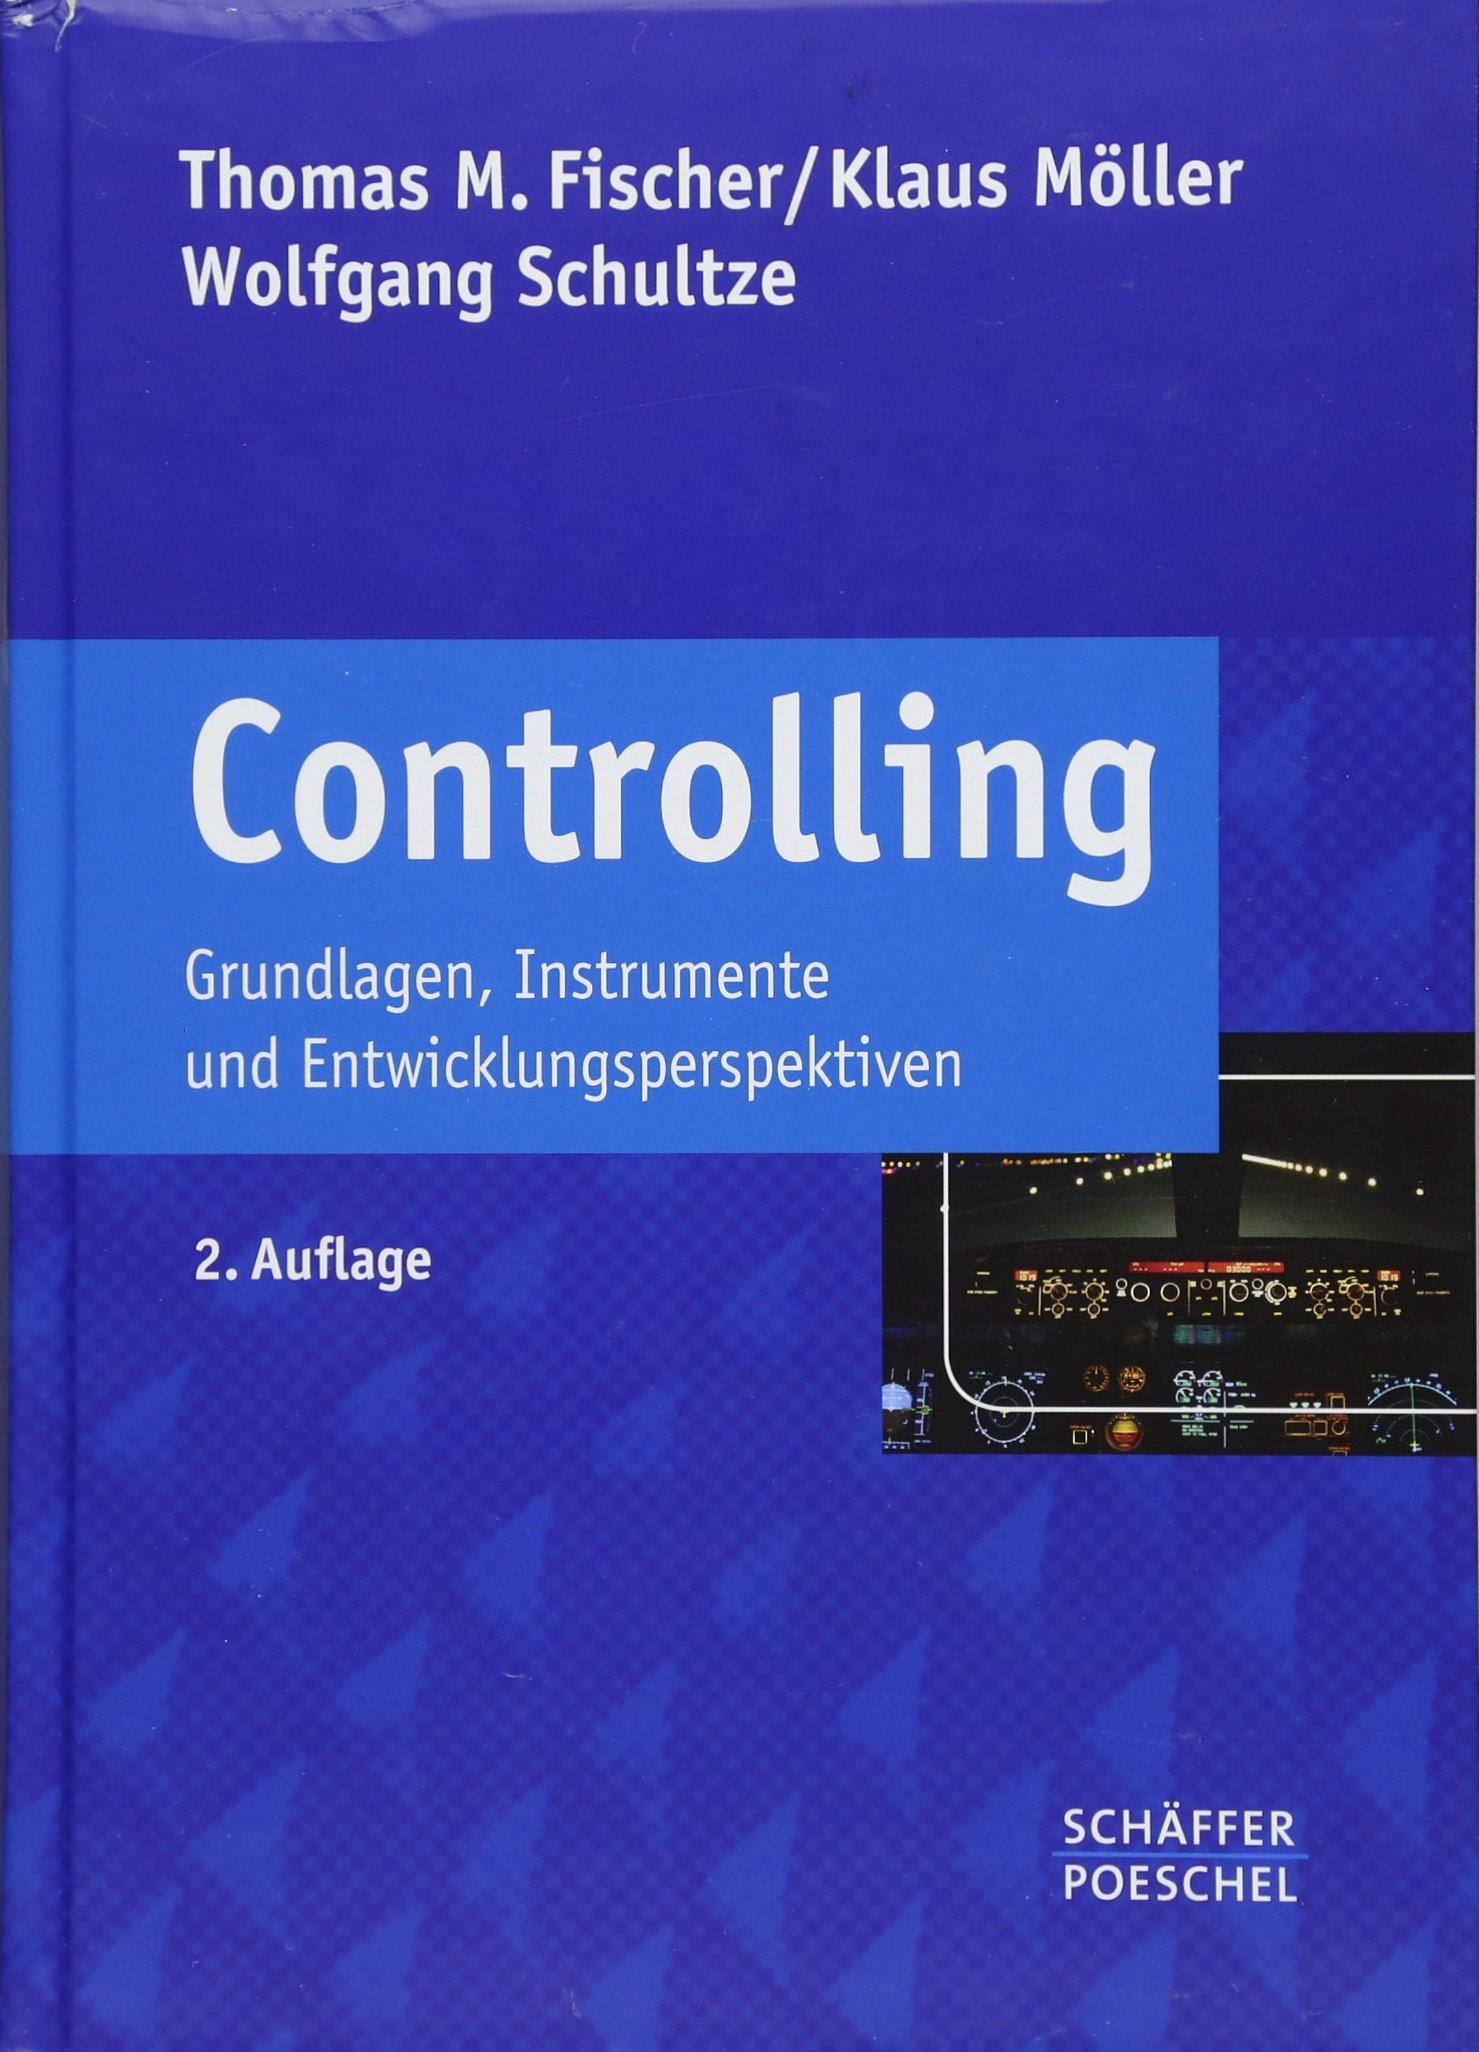 Controlling: Grundlagen, Instrumente und Entwicklungsperspektiven